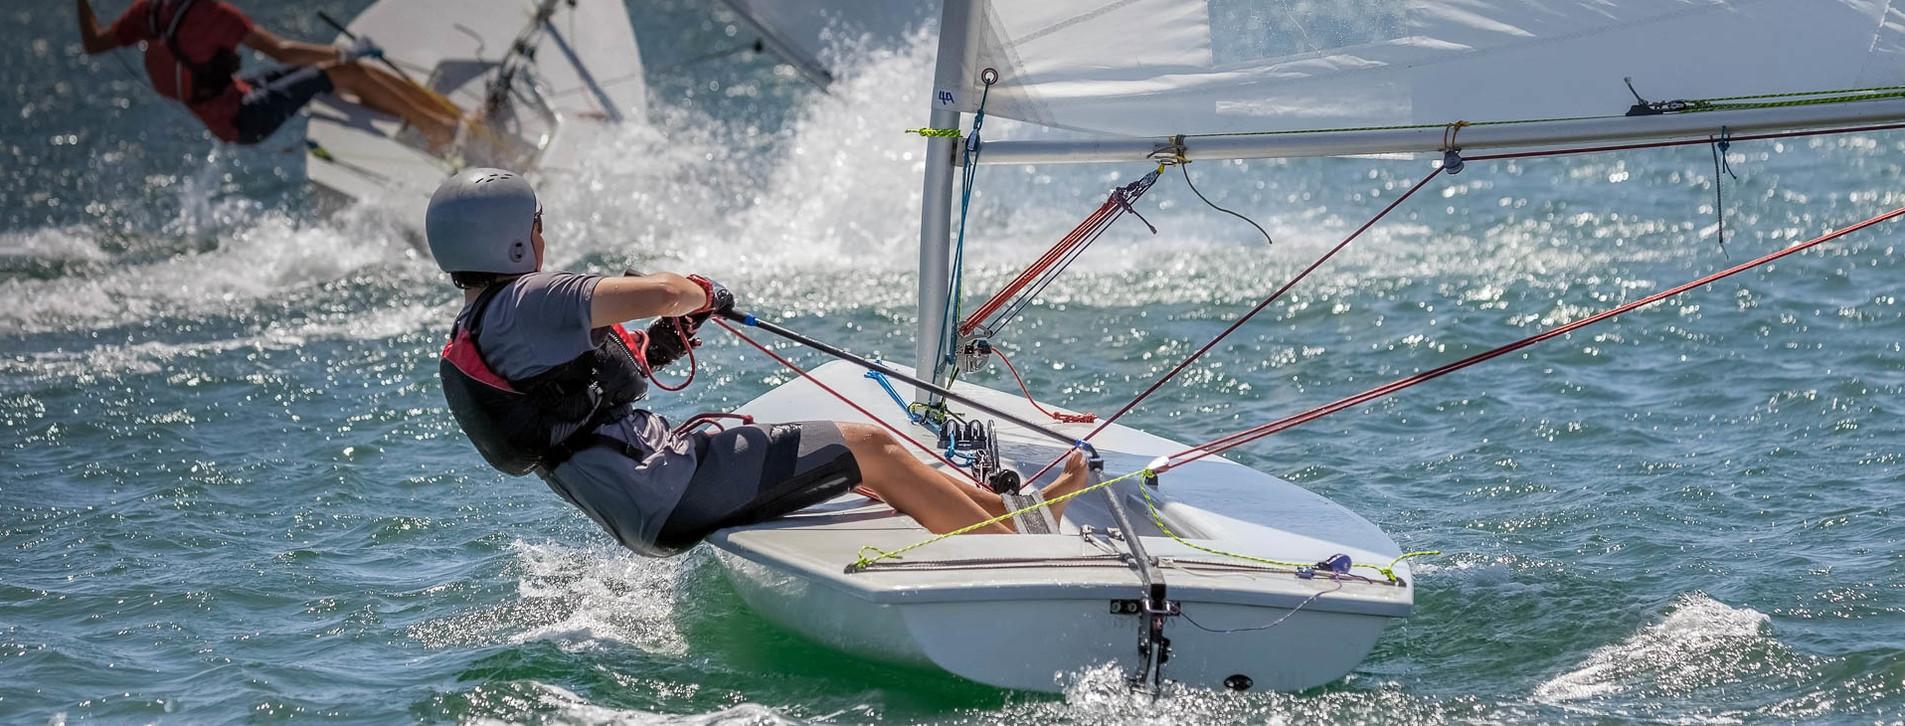 Фото - Мастер-класс олимпийской яхты